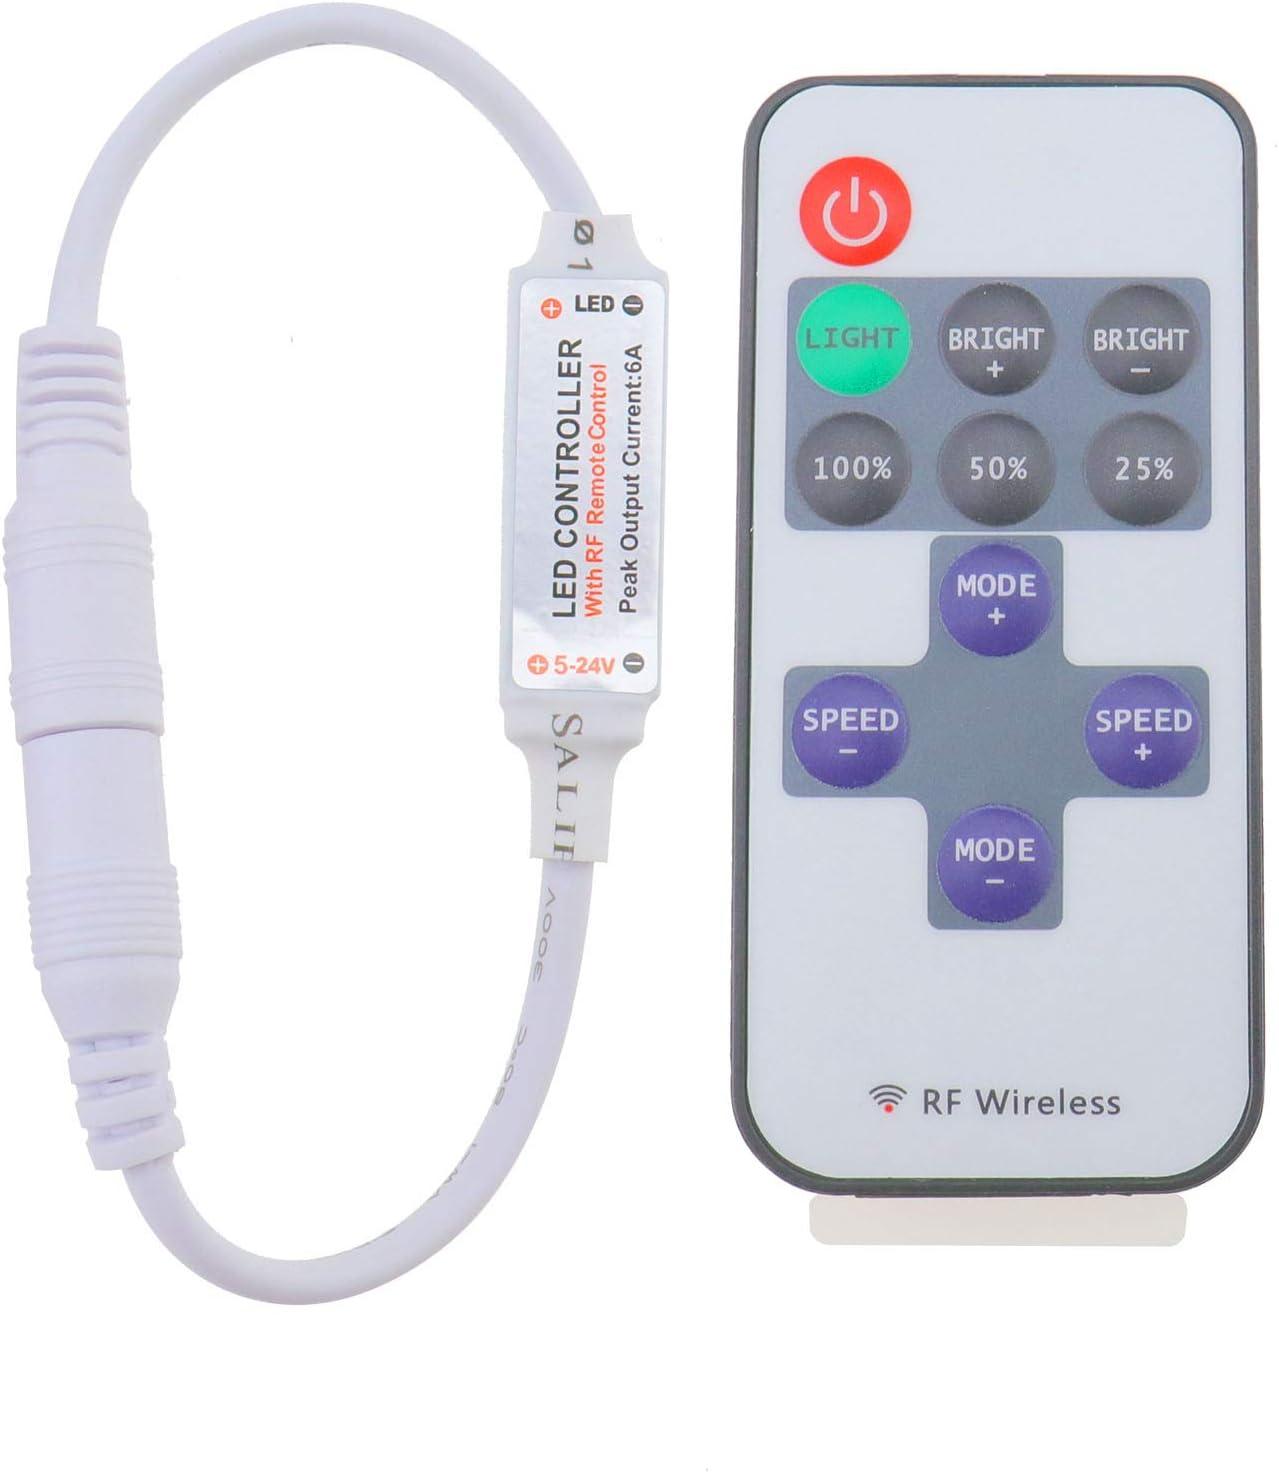 OTOTEC RF - Mando a Distancia inalámbrico para Tira de luz LED de un Solo Color, 12 V, 12 A, Mini Interruptor de Intensidad en línea